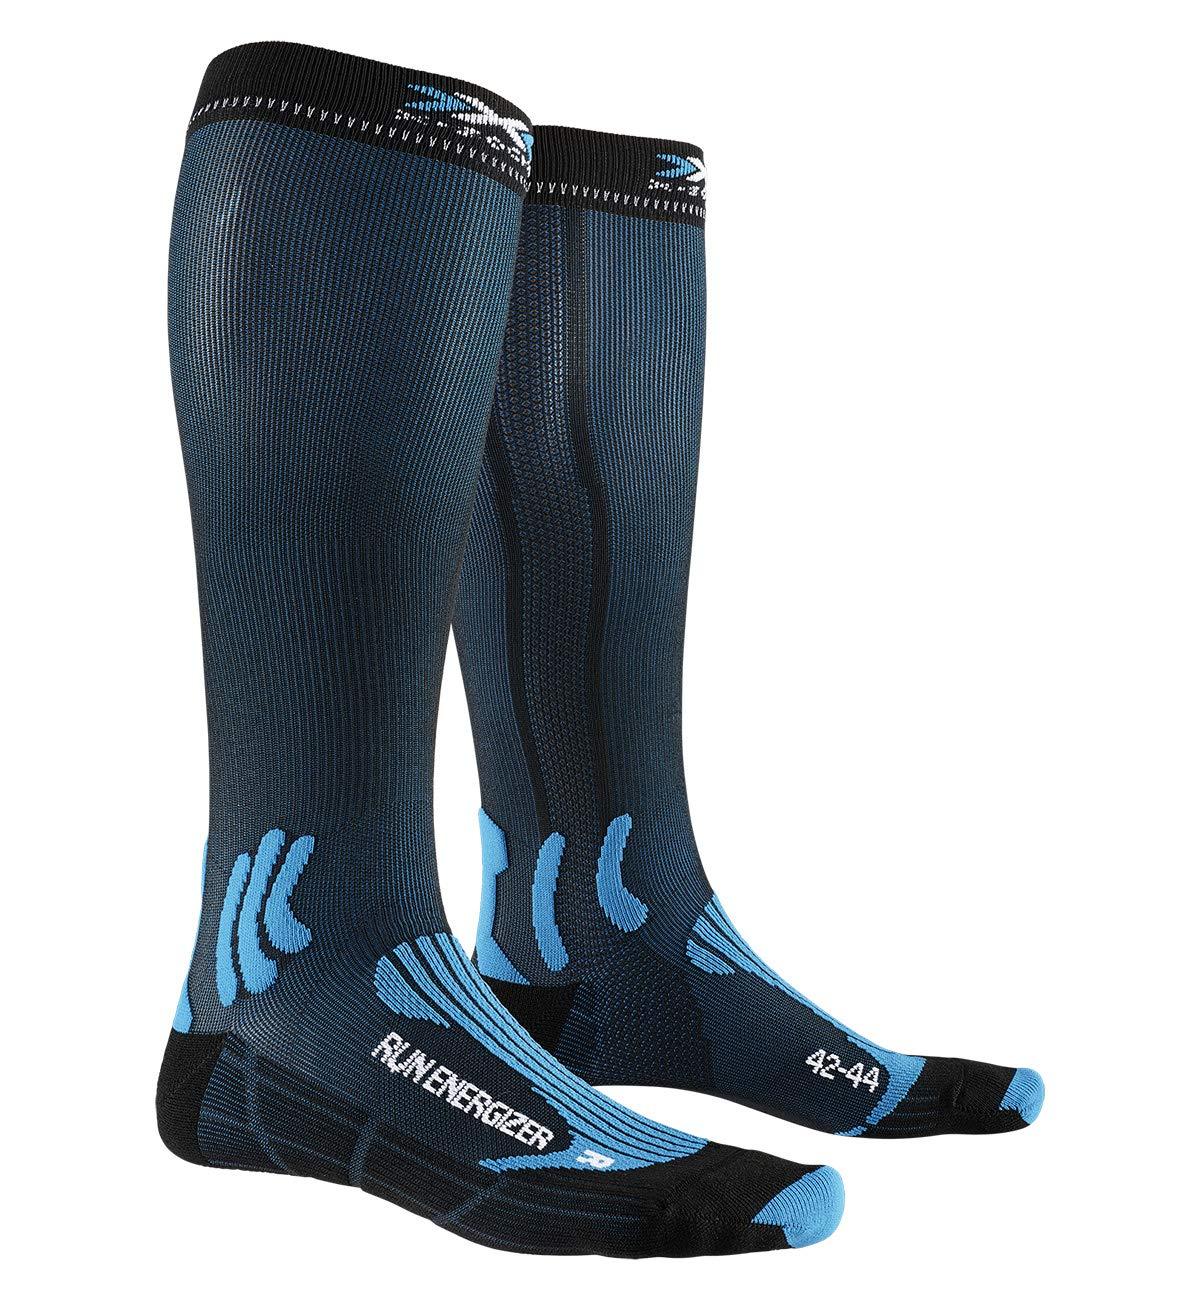 X-Socks Socks Run Energizer, Teal Blue/Opal Black, 42-44, XS-RS09S19U-A007-42/44